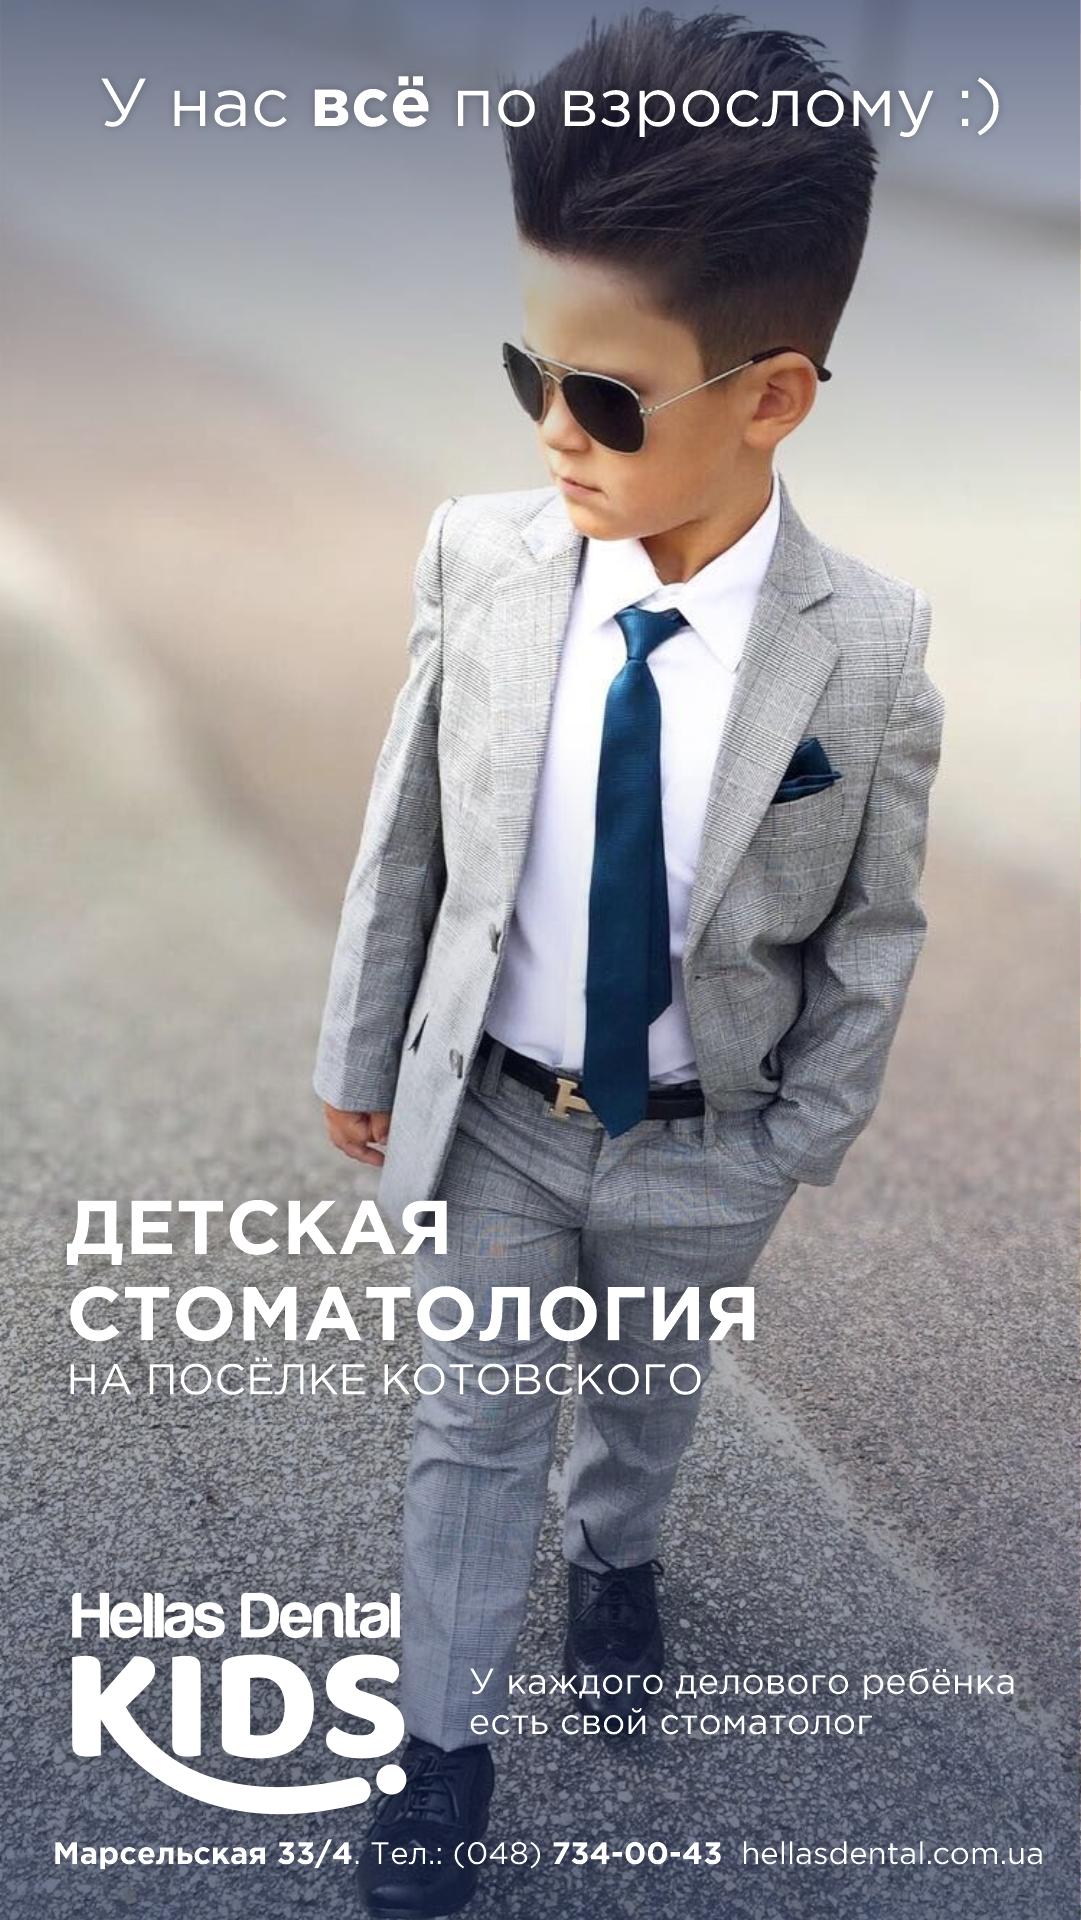 Детский стоматолог в Одессе - thumbnail